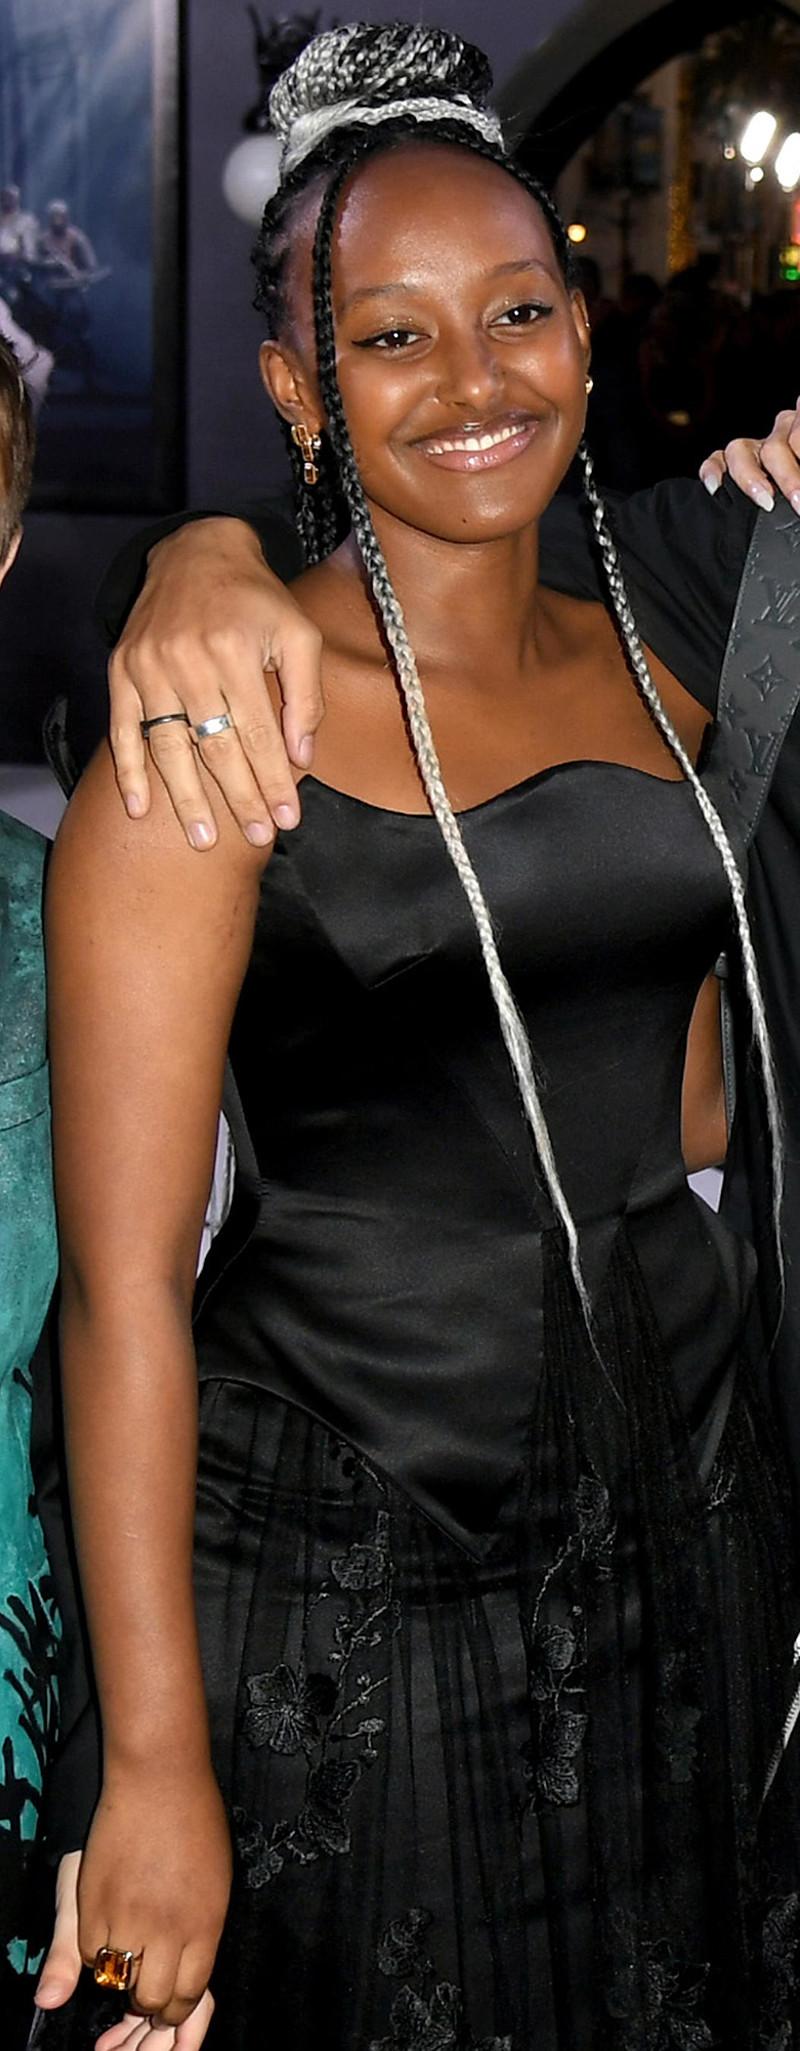 Η Ζαχάρα Τζολί Πιτ με σμαραγδένιο δαχτυλίδι και σκουλαρίκια